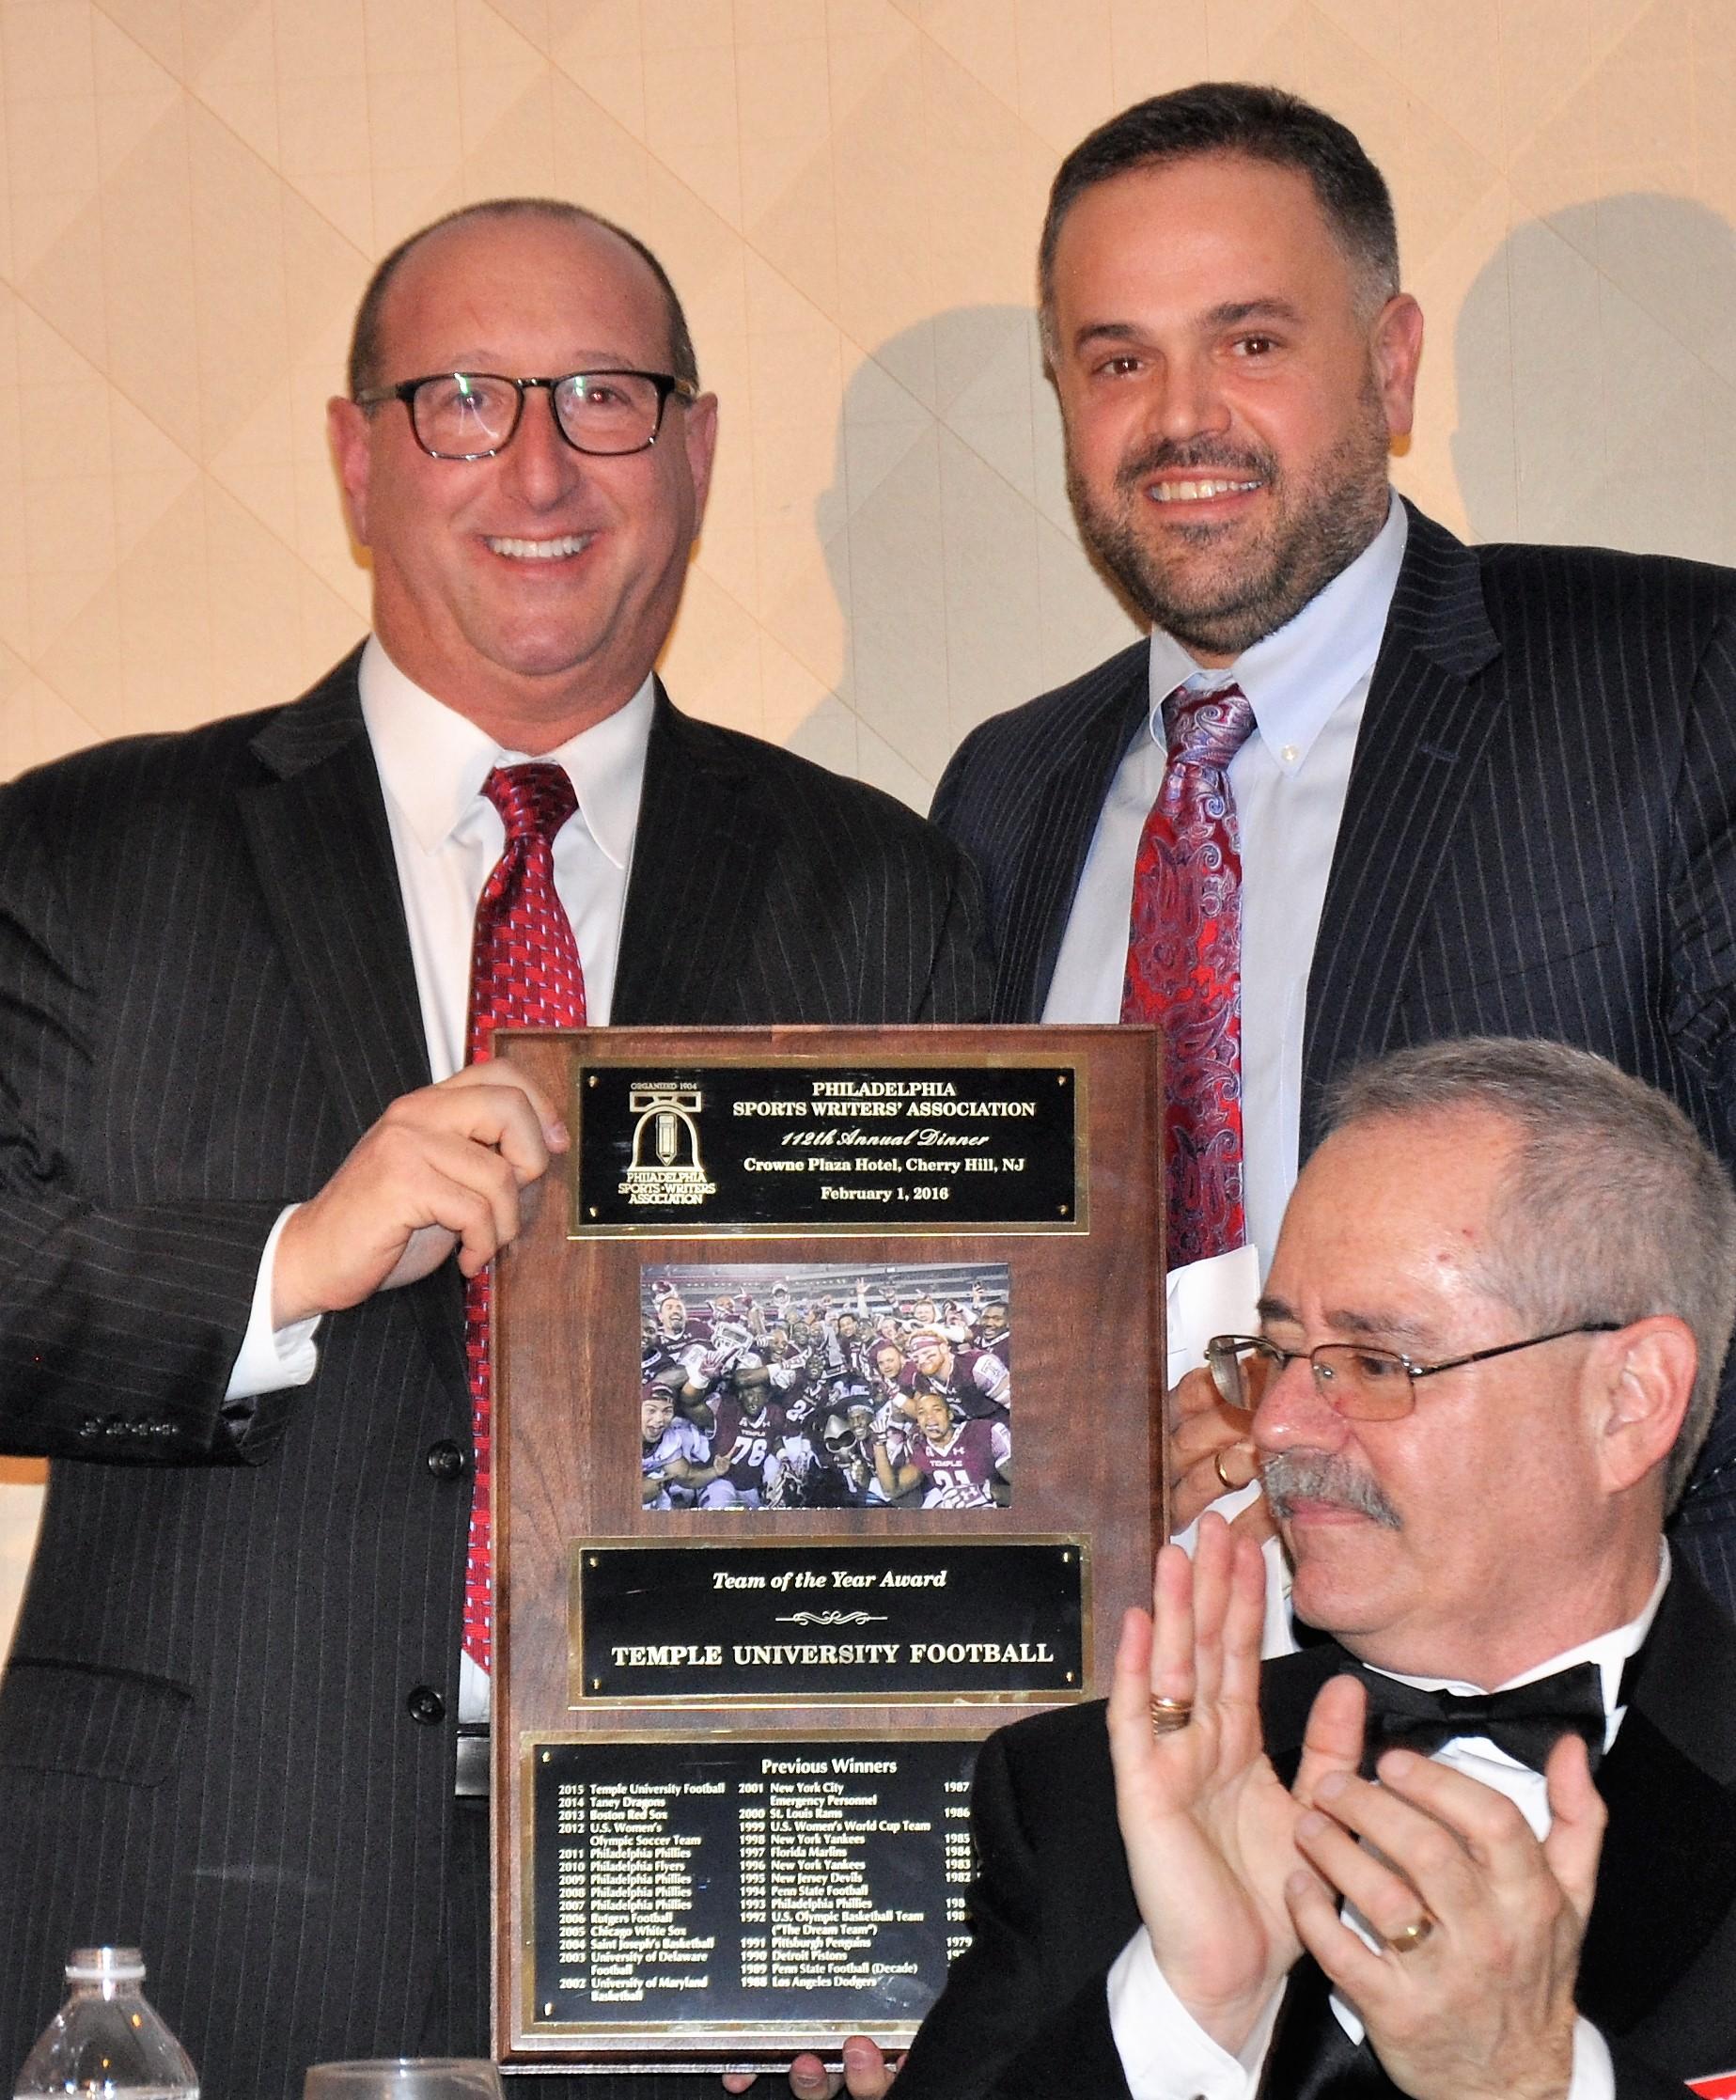 Matt Rhule, Asch, & Carchidi